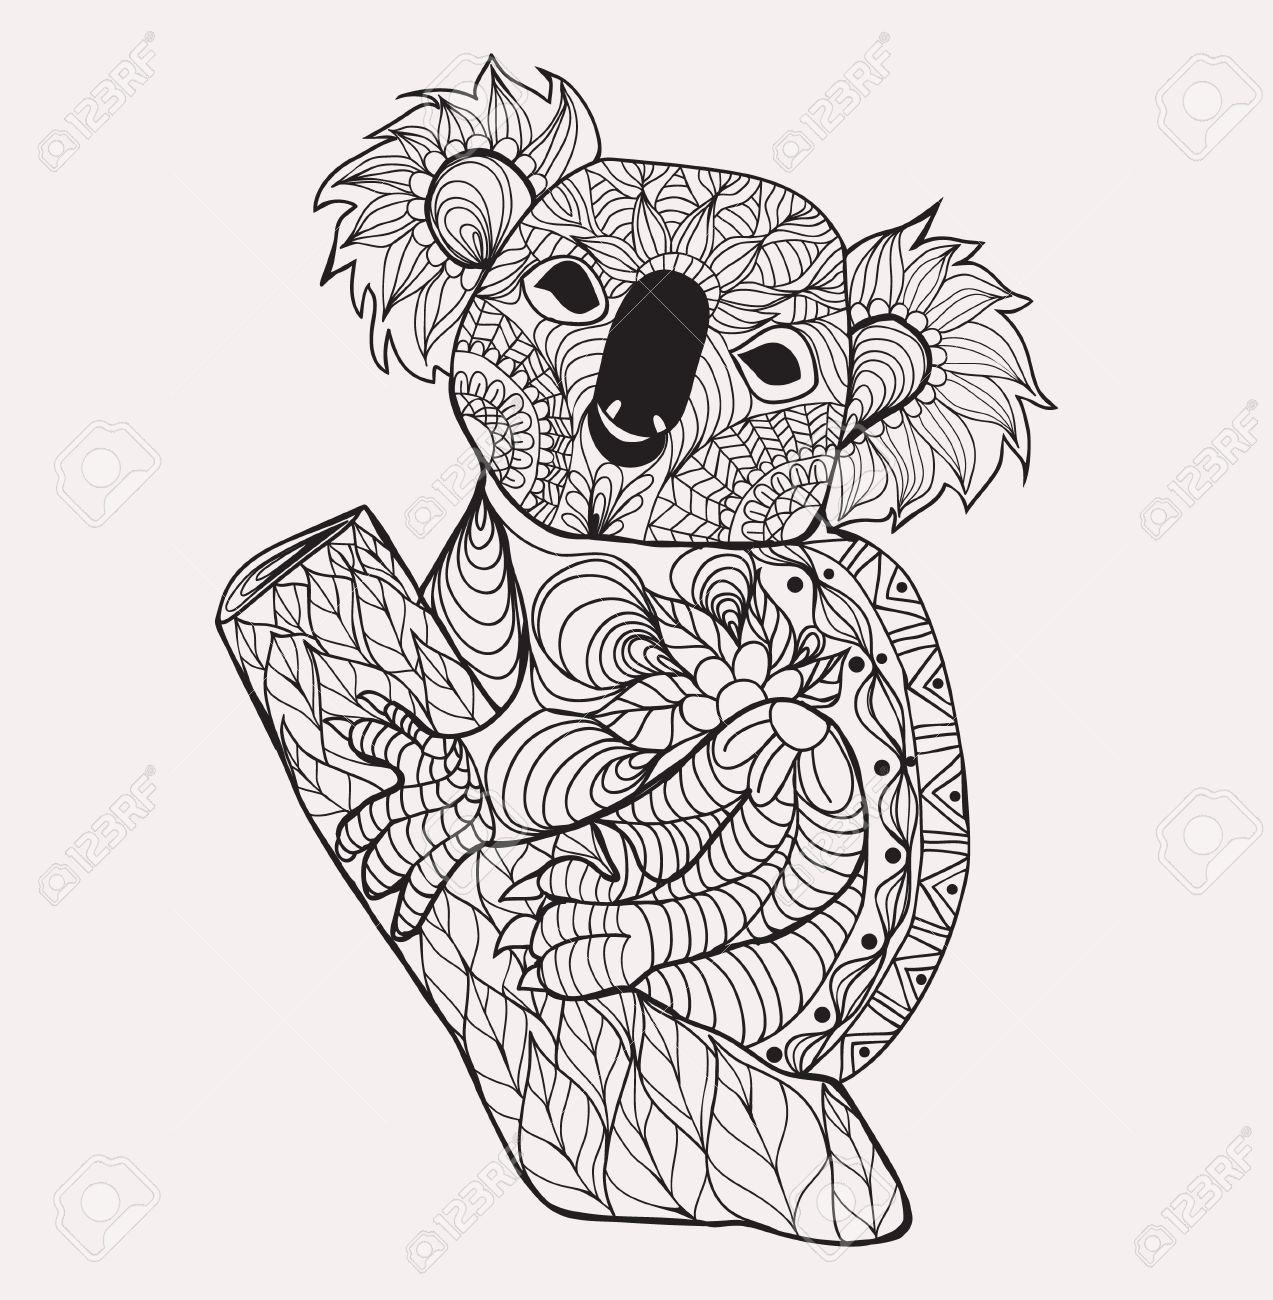 Koala Main Blanche Noire Dessinee Animale Doodle Pour Coloriage